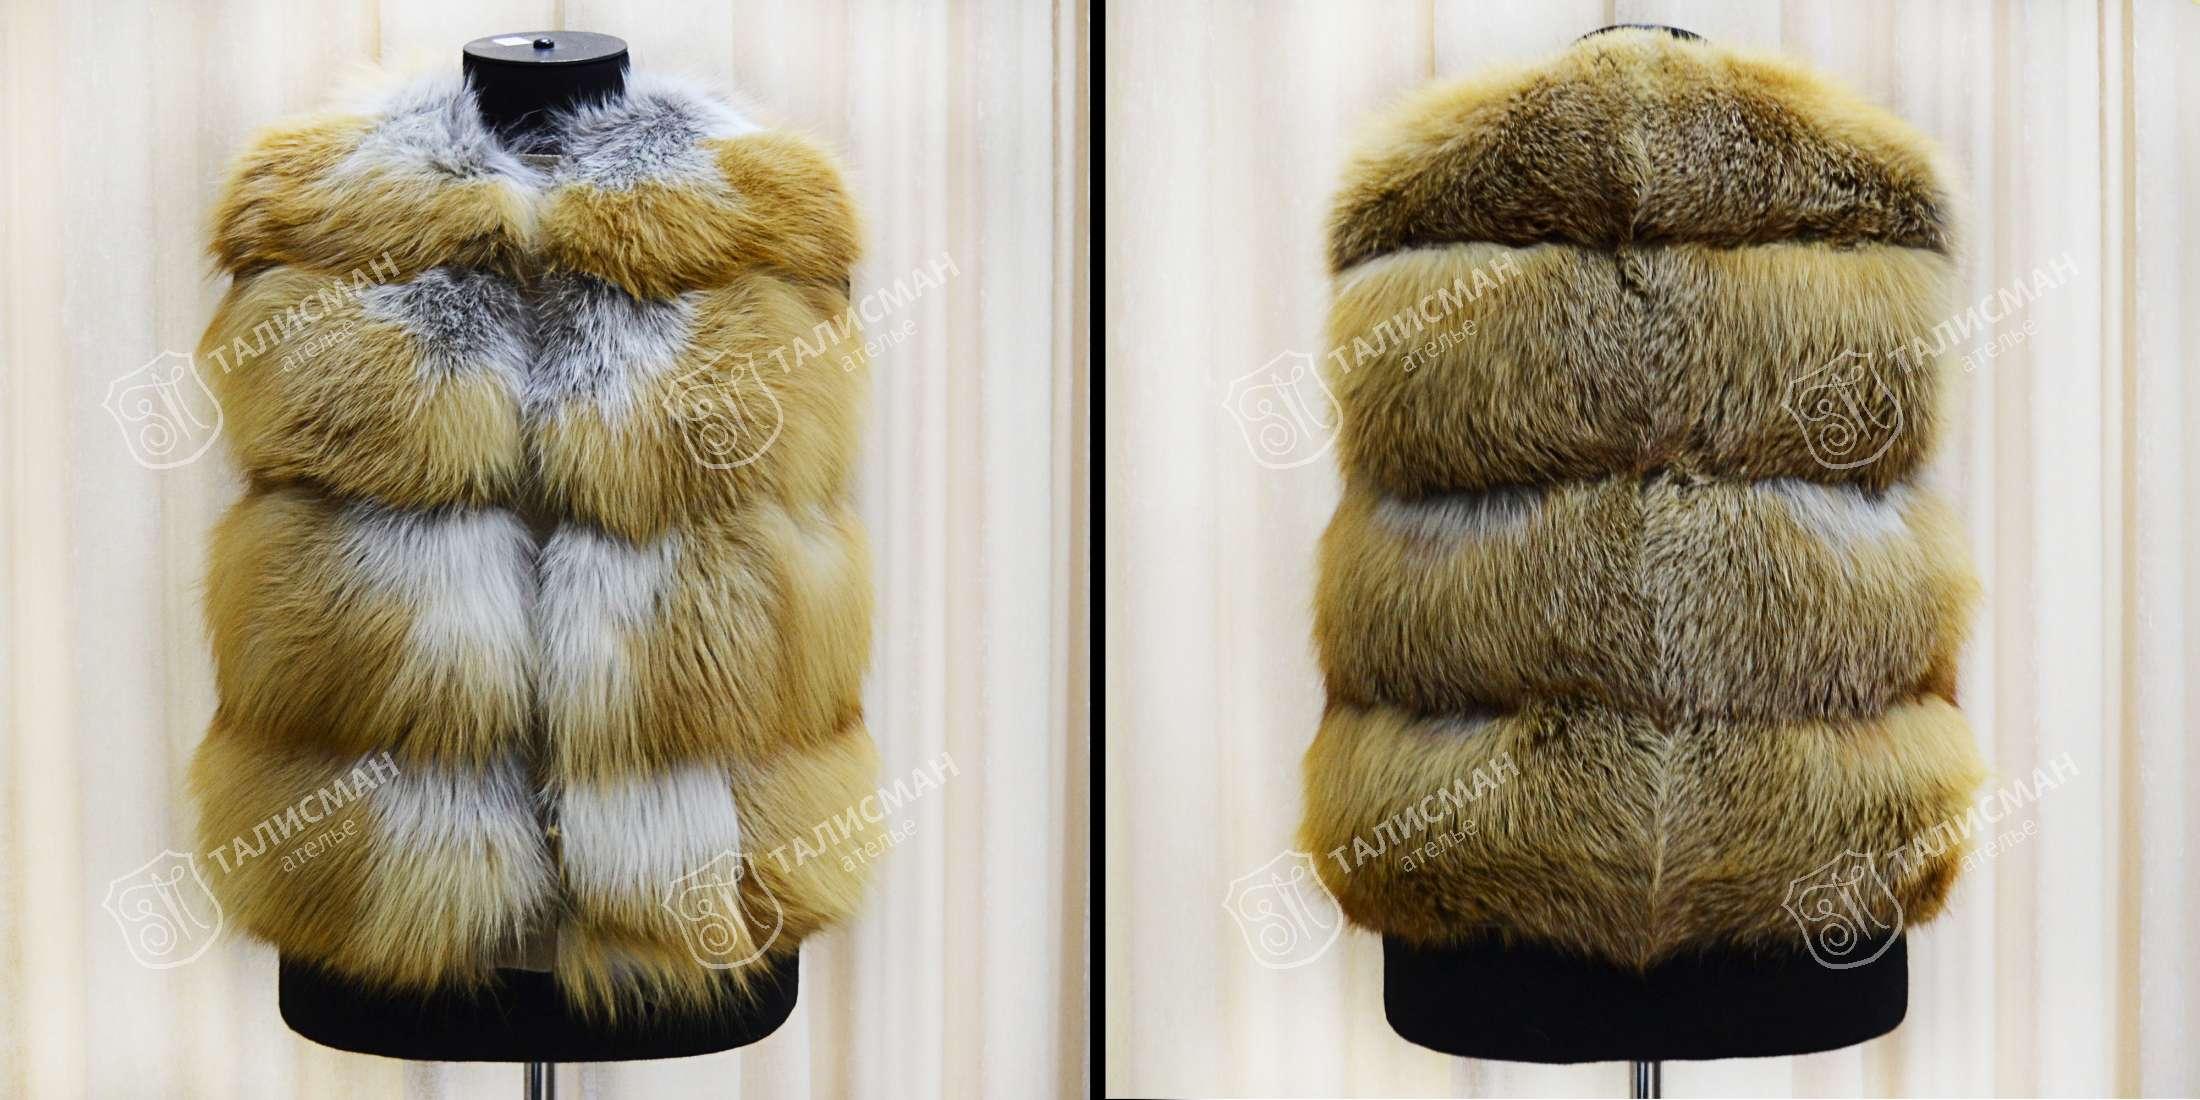 c4838bd64ca Пошив шубы из меха лисы в Москве на заказ  сшить шубу из лисицы в ...